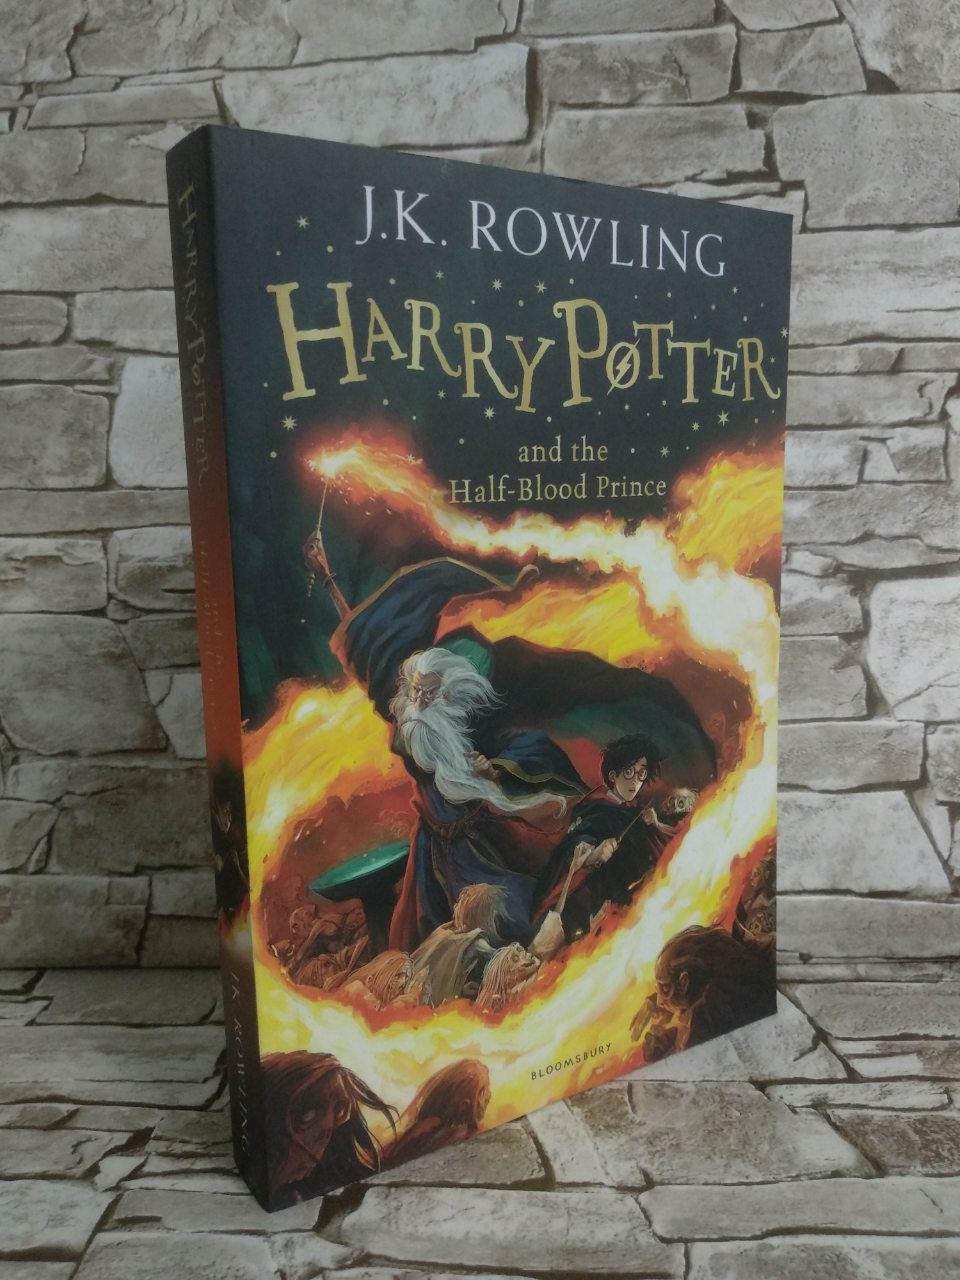 Книга Harry Potter and the Half-Blood Prince, Гарри Поттер и Принц Полукровка, на английском языке